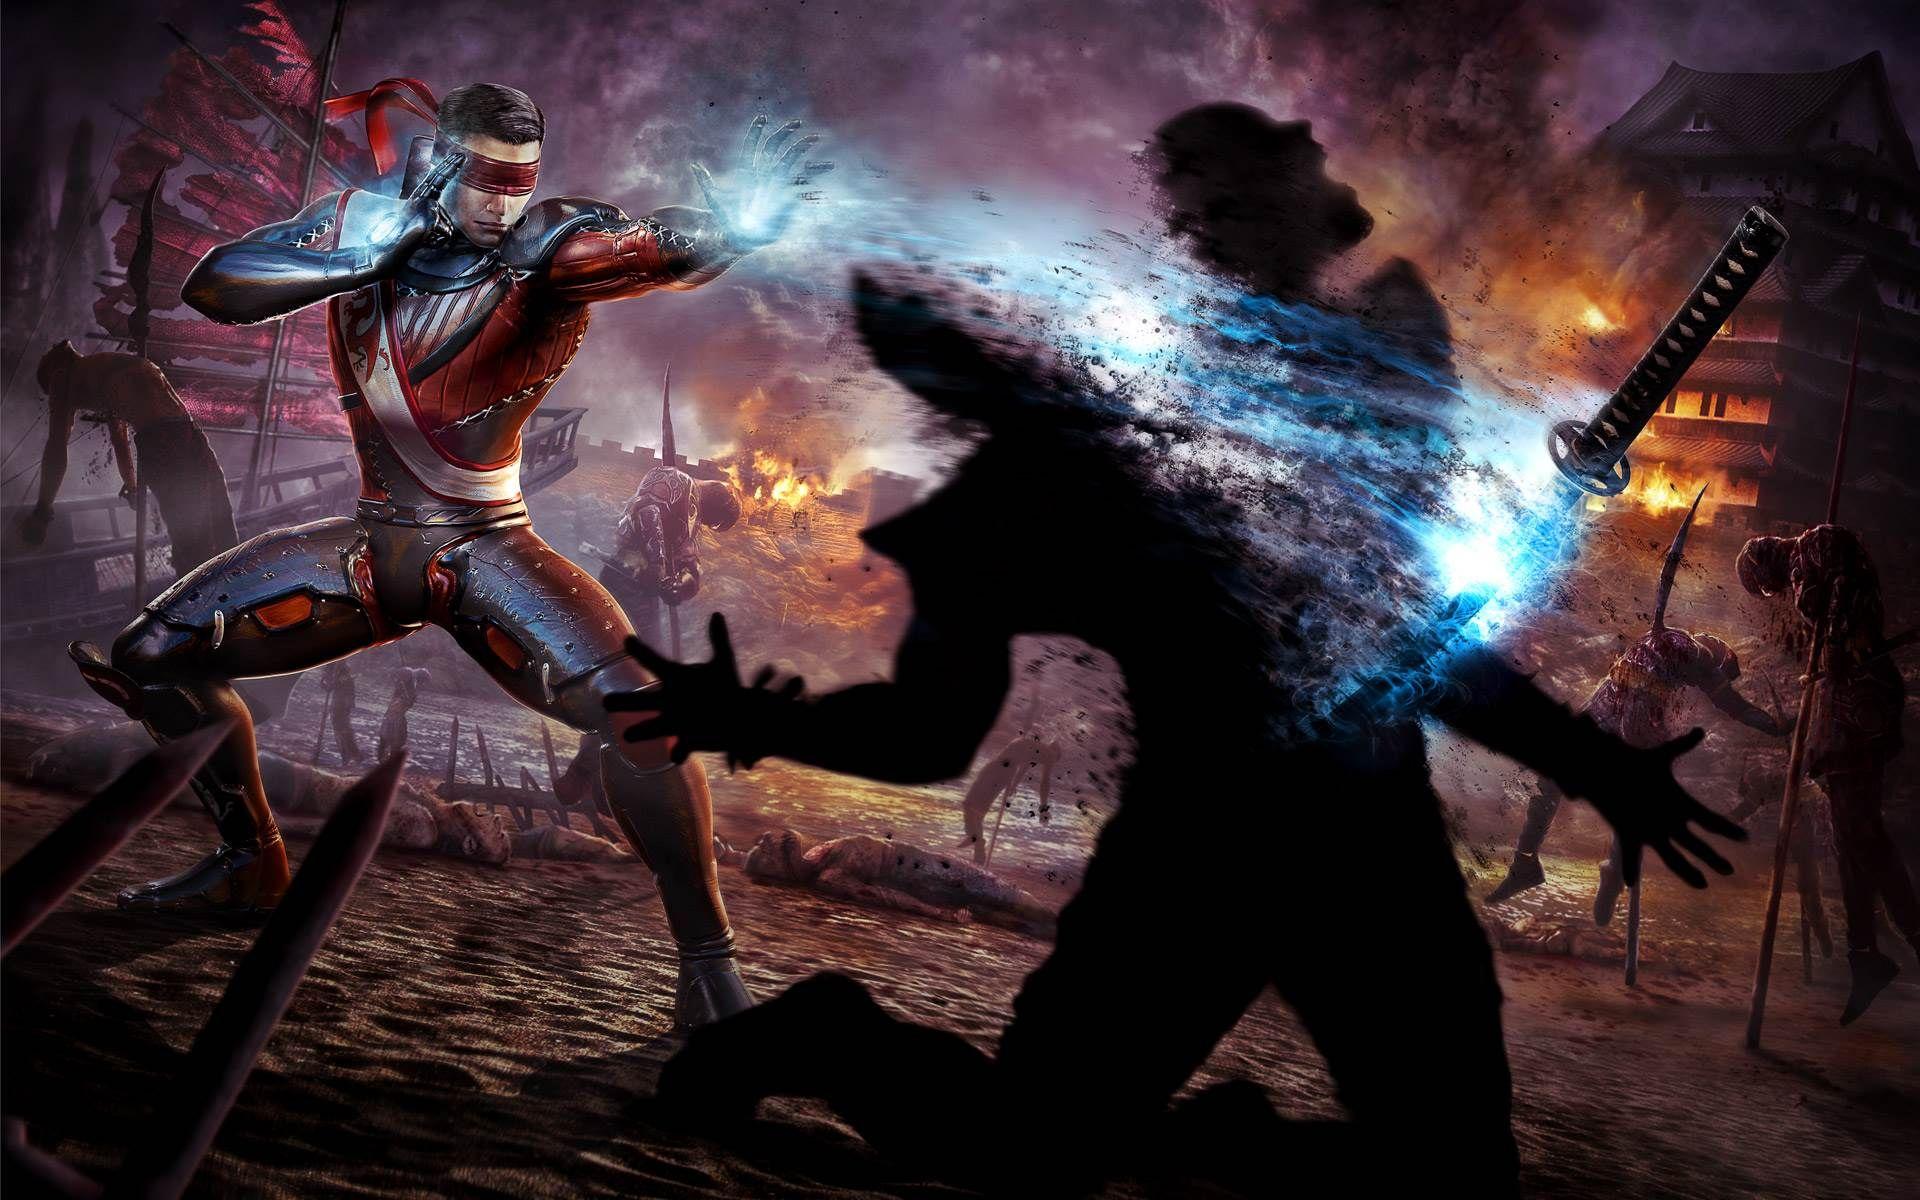 Mortal Kombat X Subzero Vs Scorpion Hd Desktop Wallpaper High